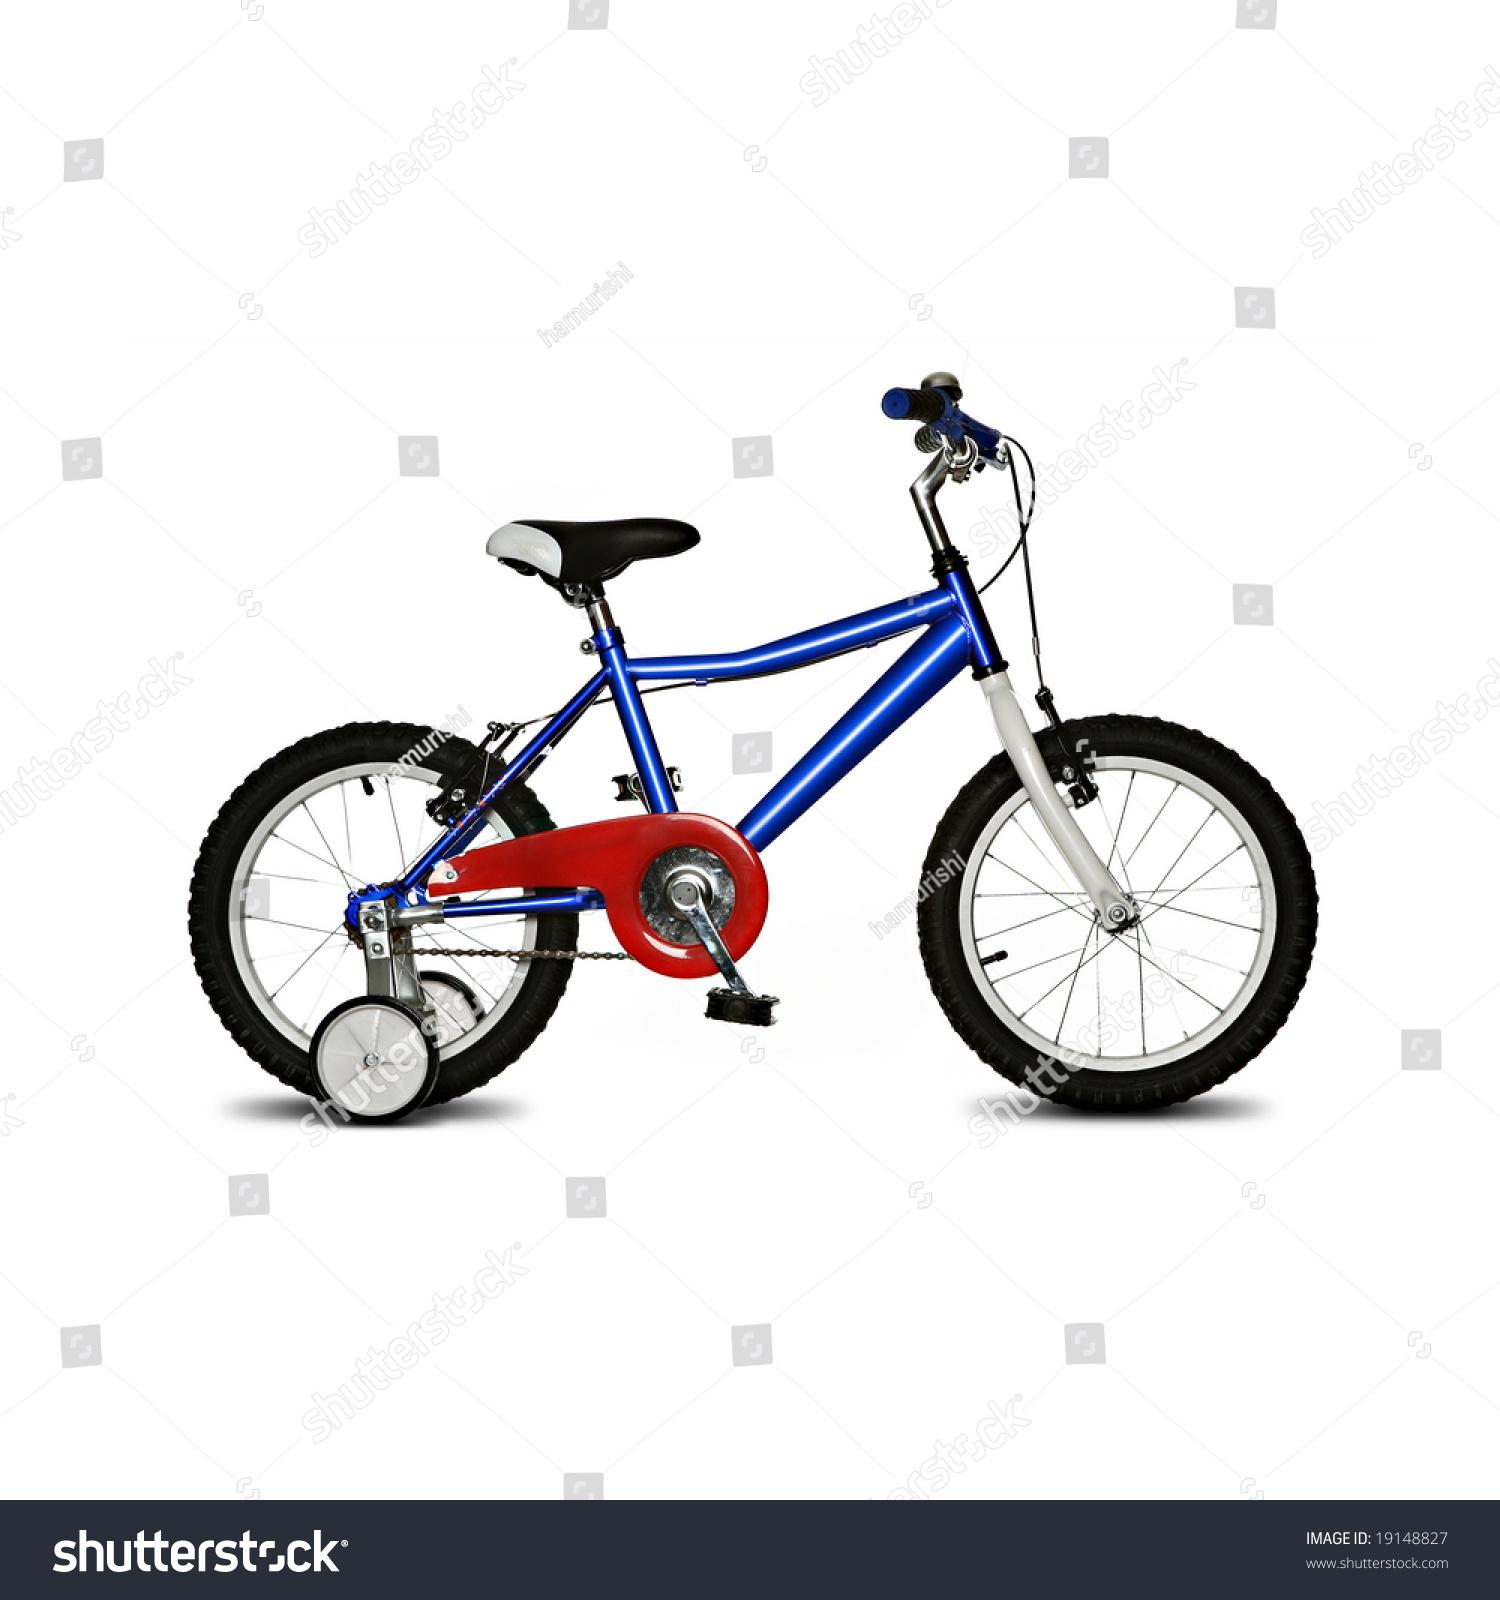 Kids Bike Isolated On White Background Stock Photo